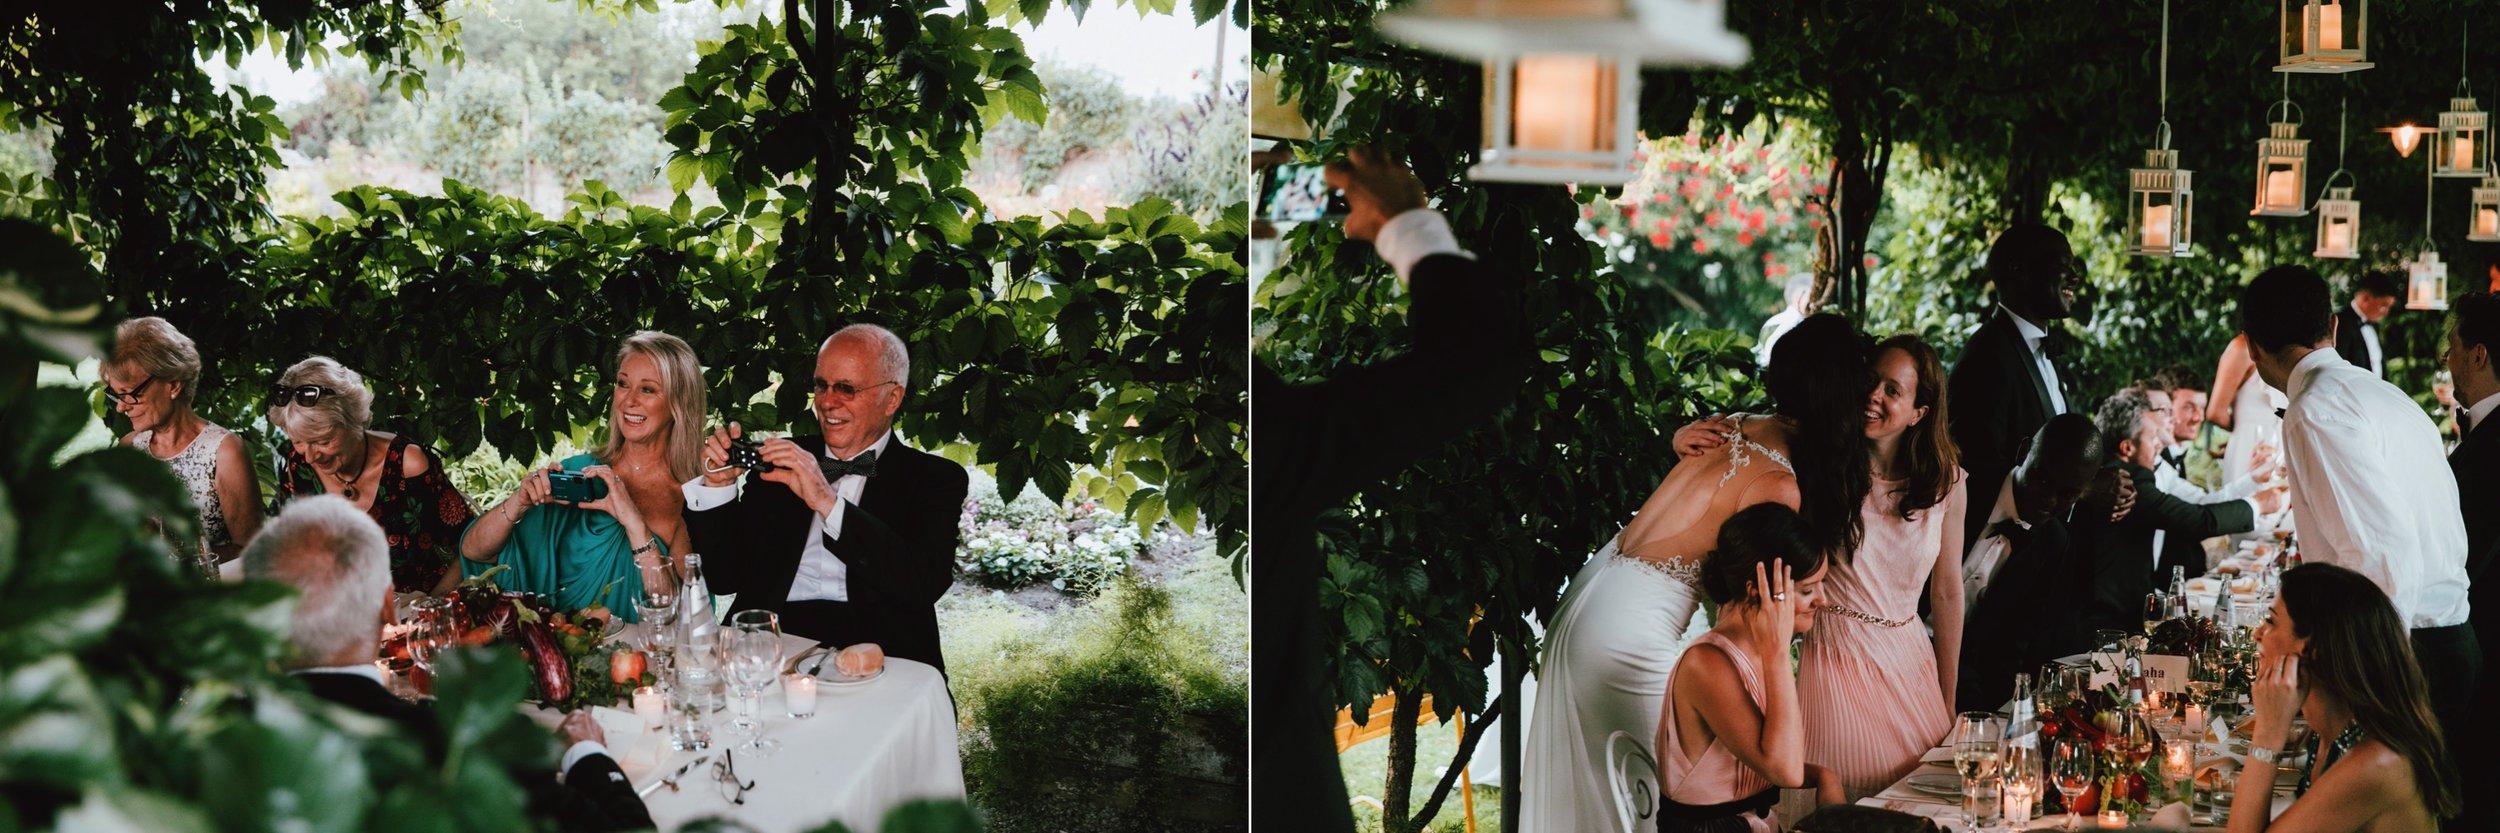 Talal & Milena   Oak & Blossom0005.jpg